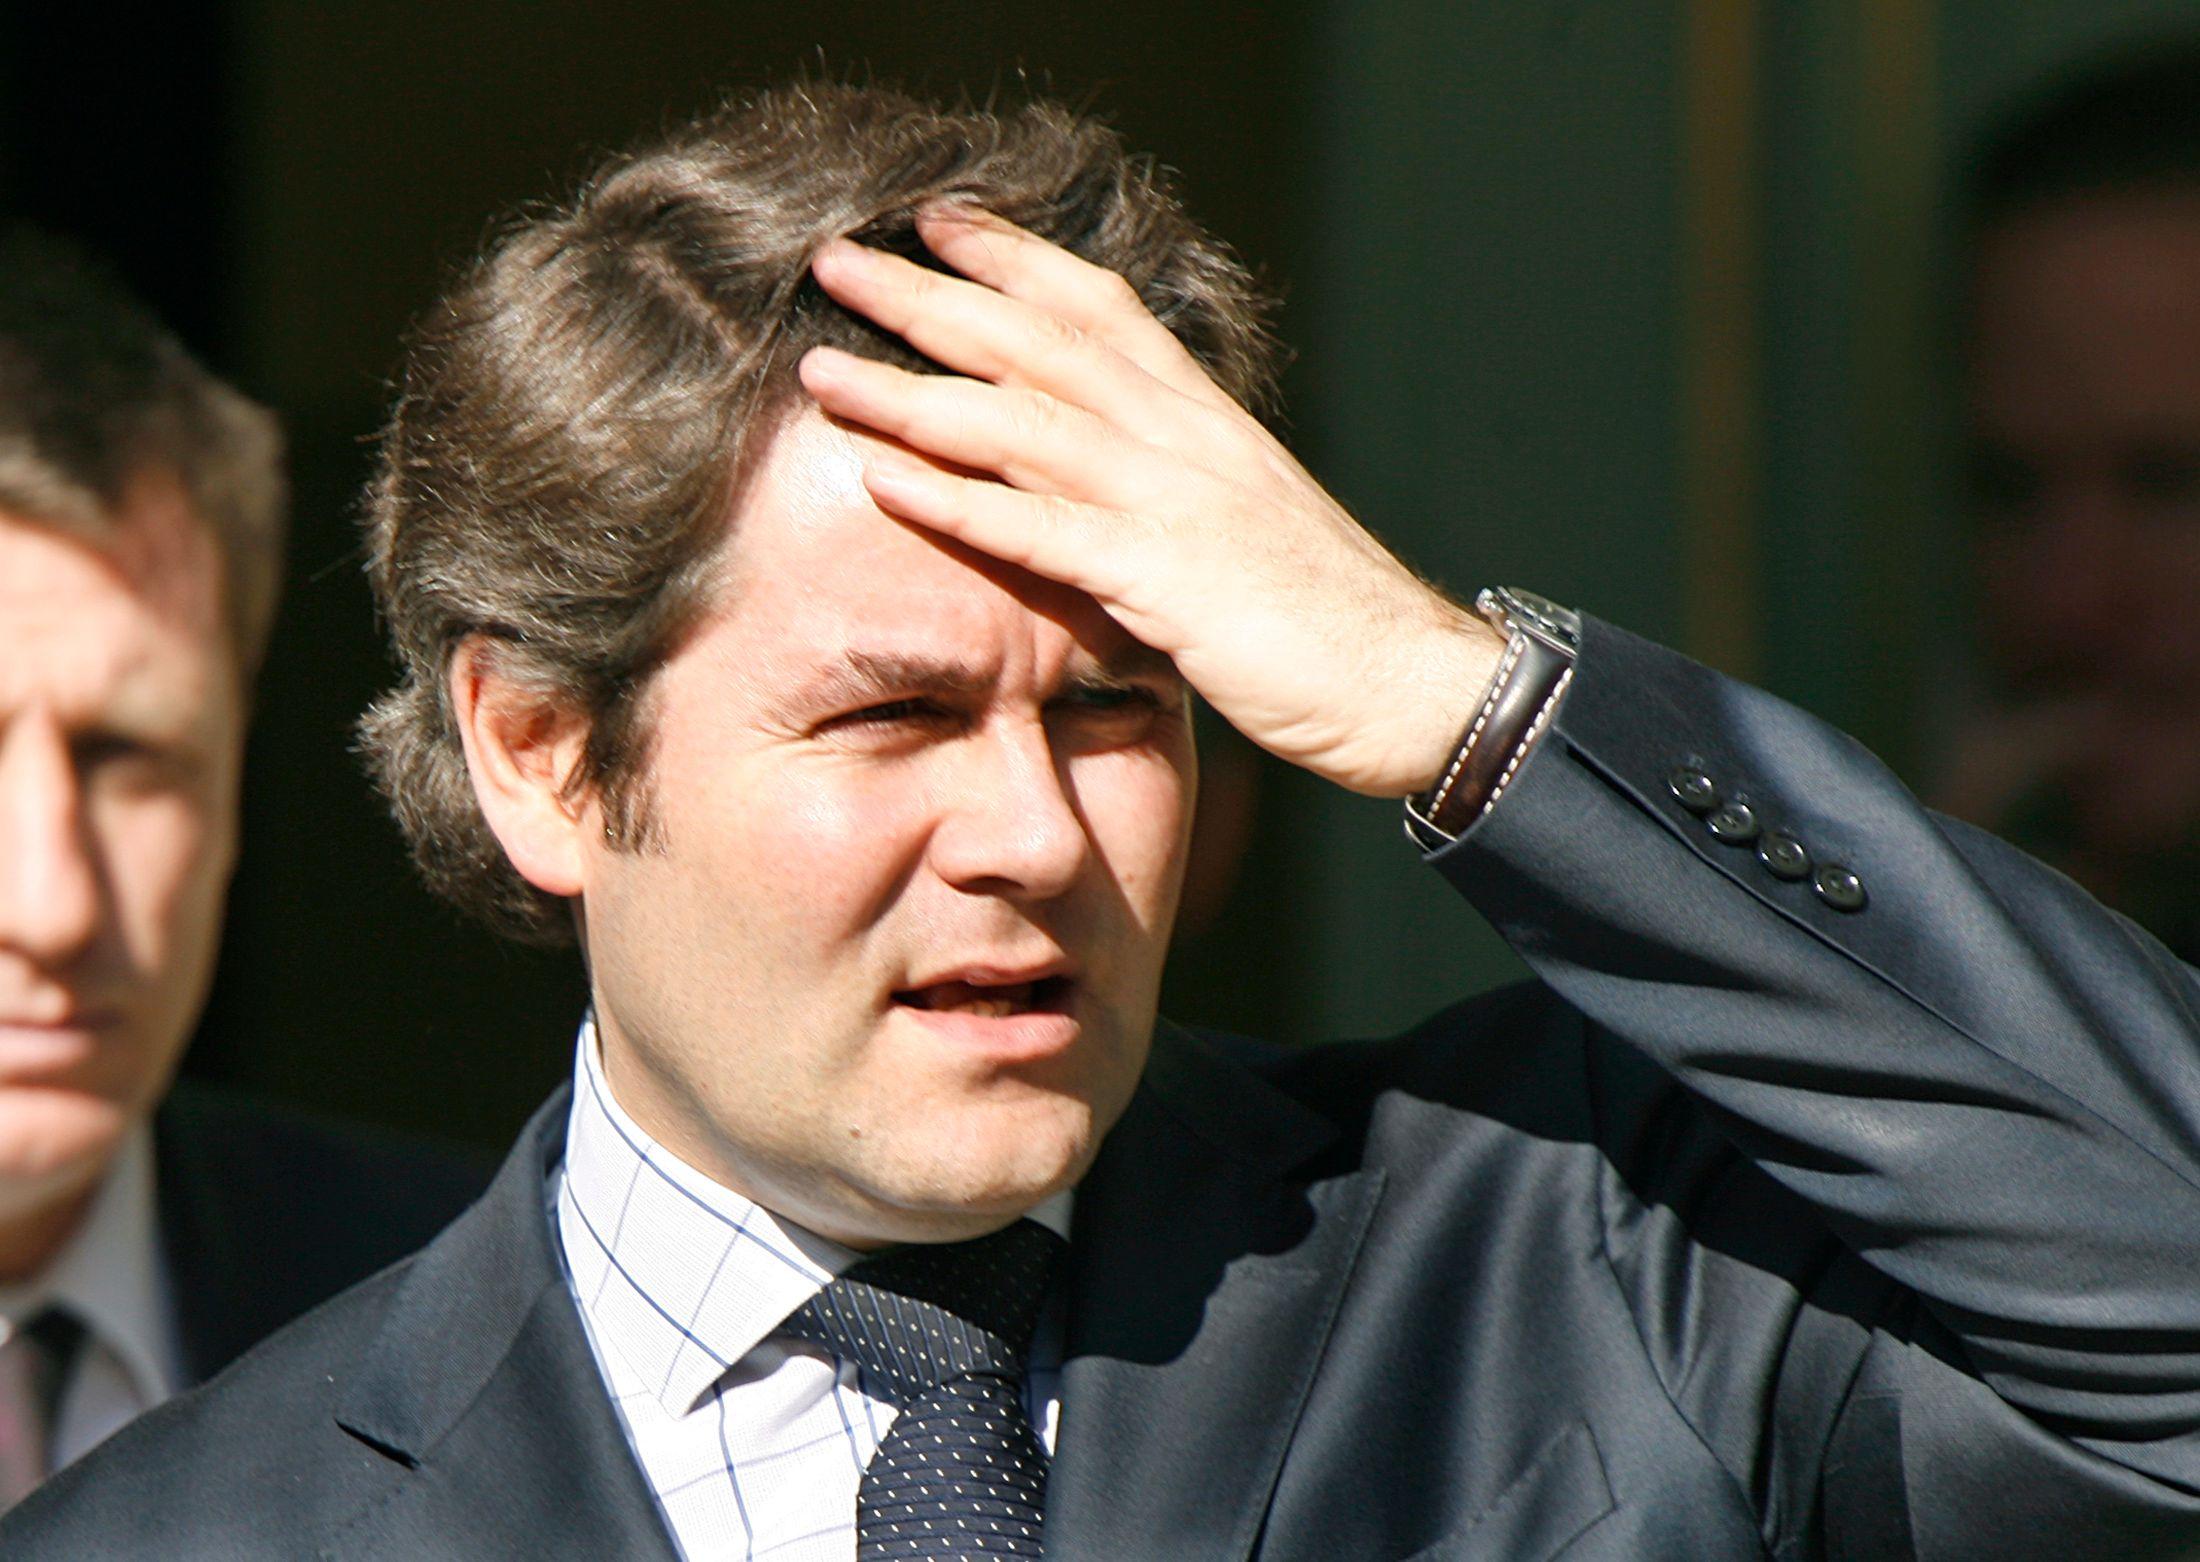 Affaire Bygmalion : Franck Louvrier, proche de Nicolas Sarkozy en garde à vue